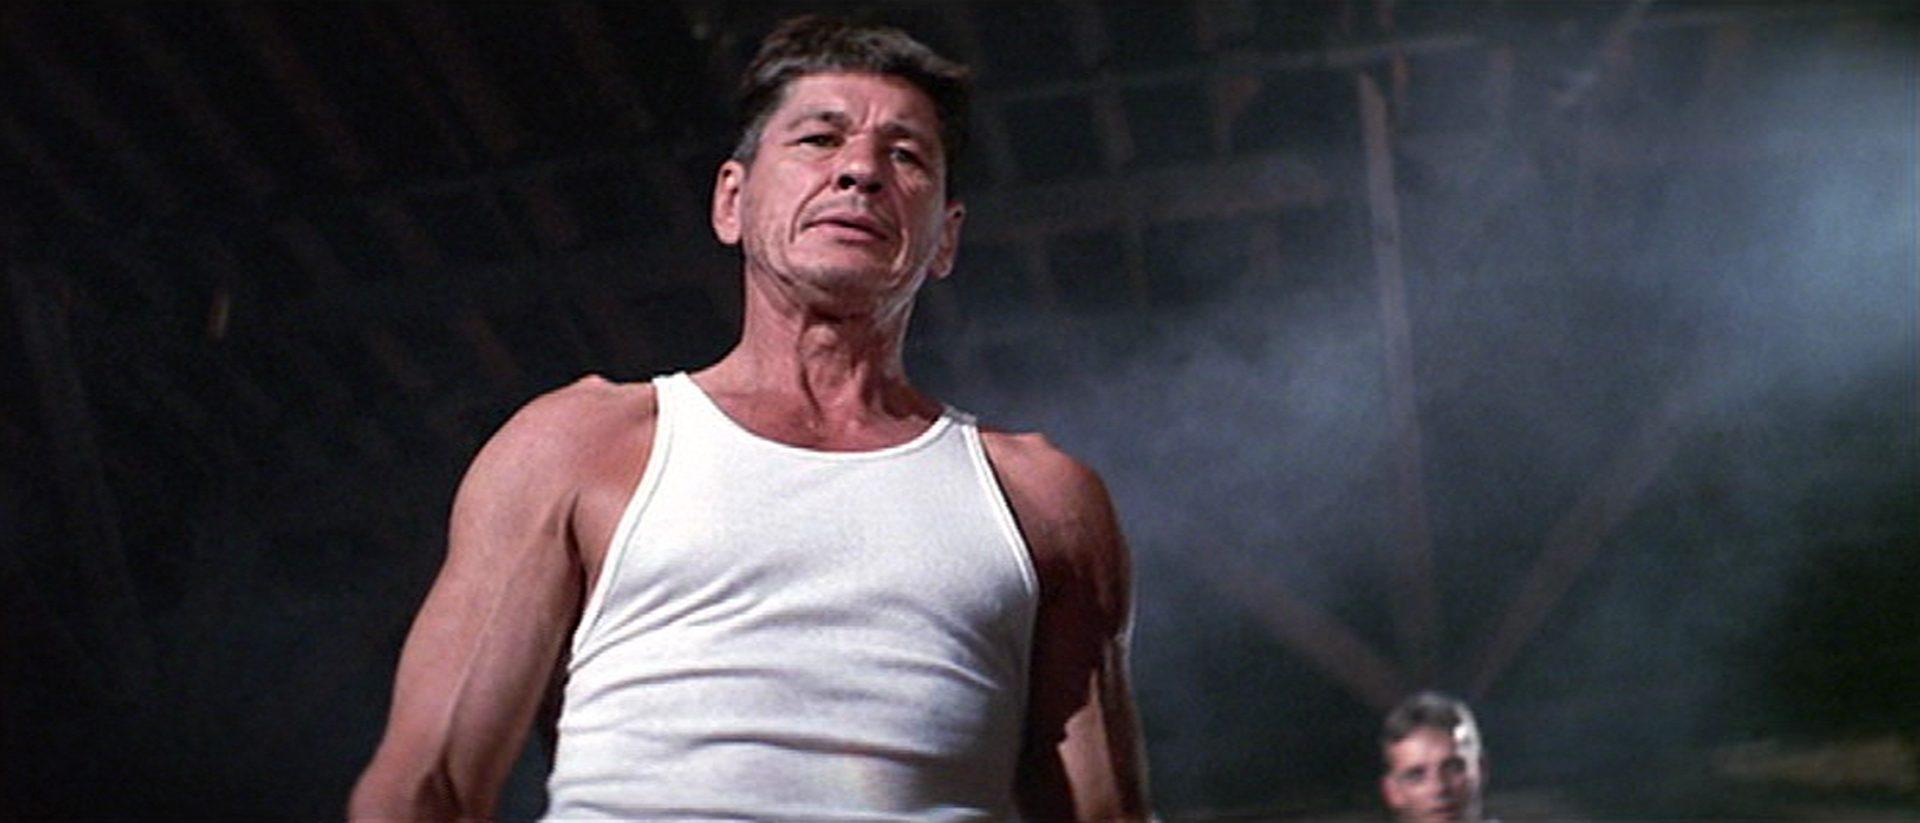 Charles Bronson mit muskulösem Oberkörper im weißen Unterhemd aus der Froschperspektive.